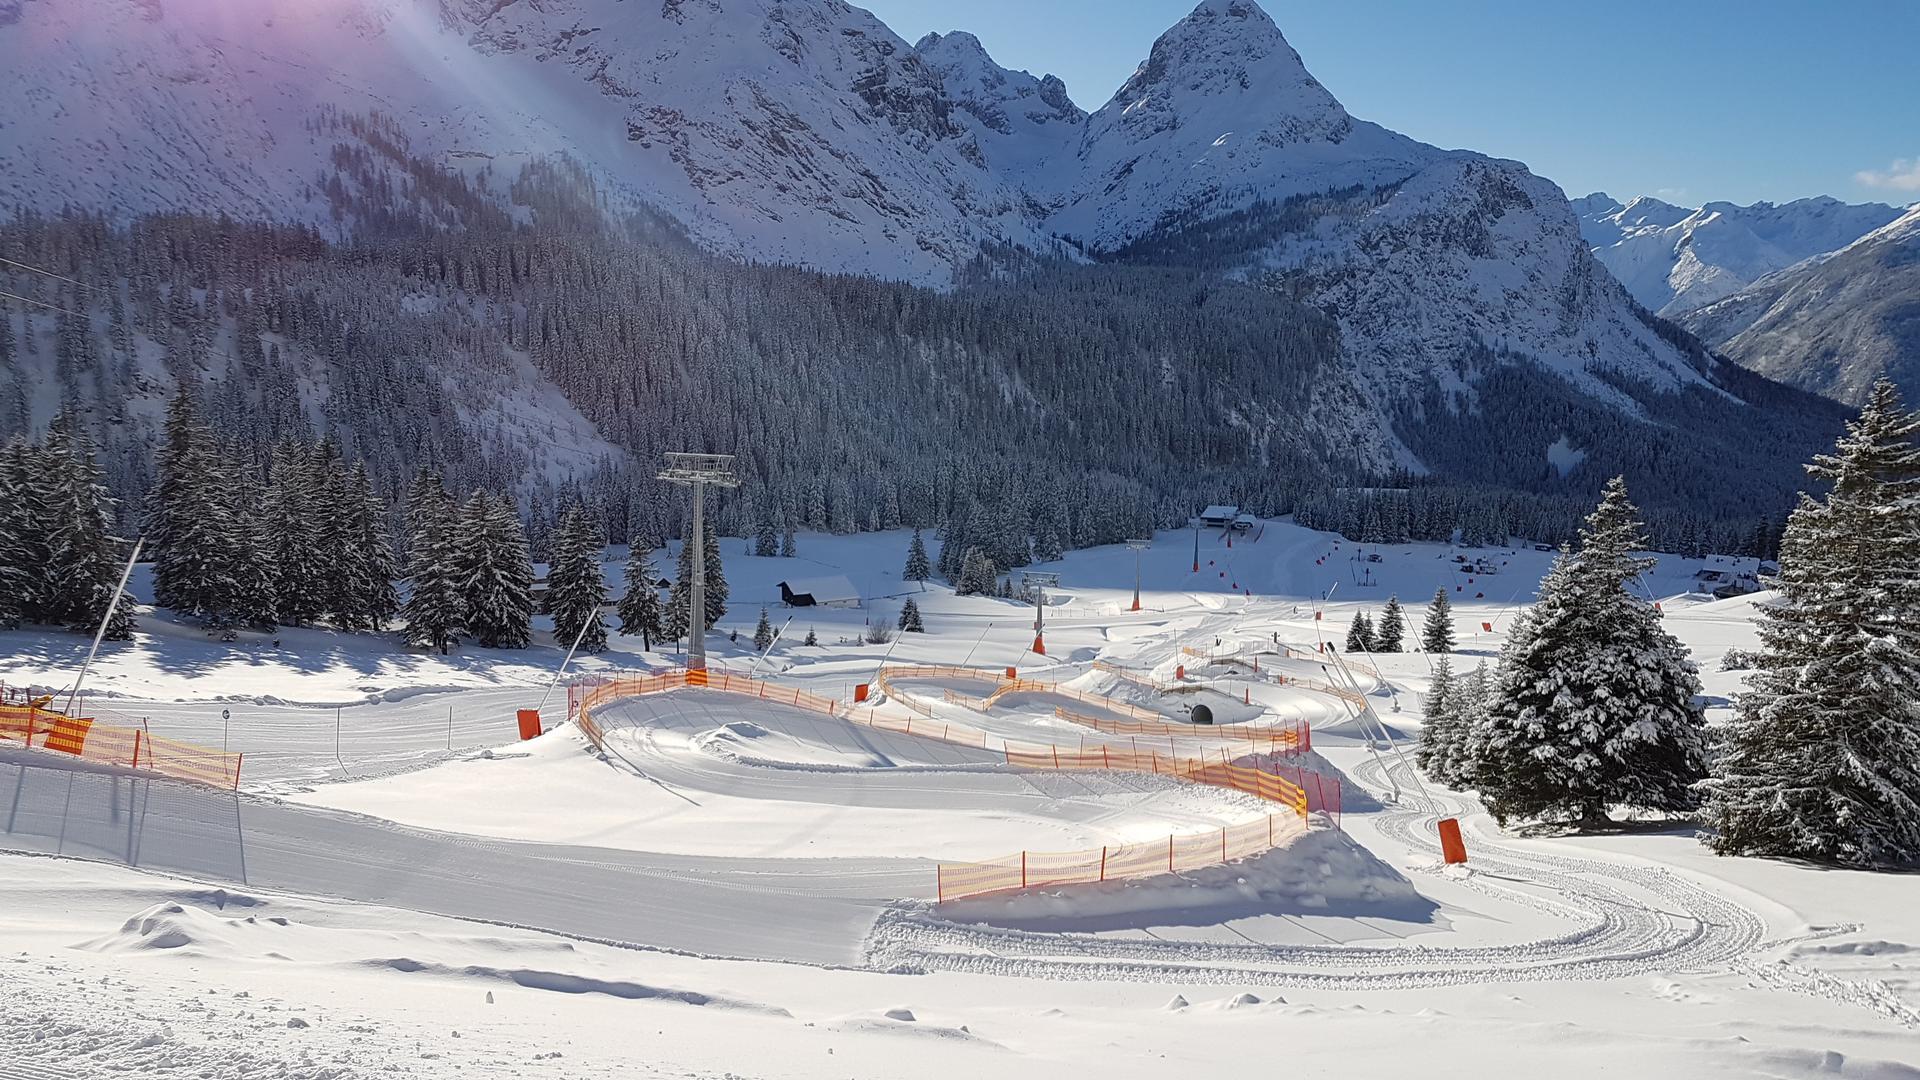 Geffnete Freizeiteinrichtungen   Tiroler Zugspitz Arena